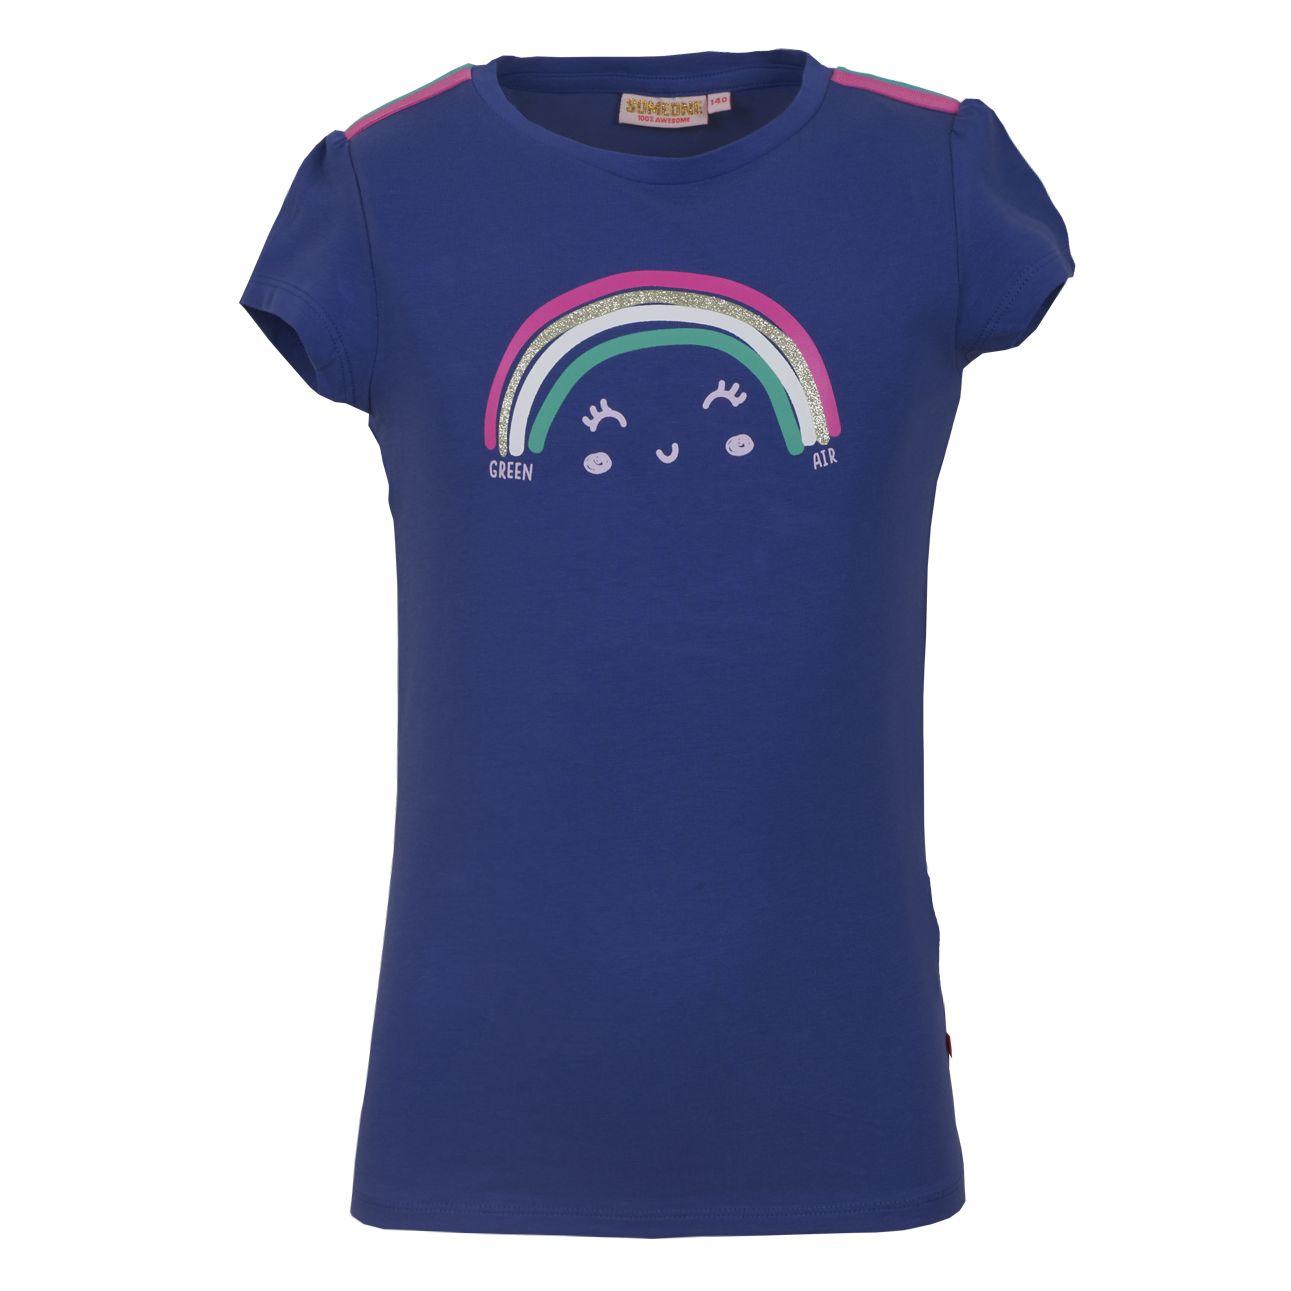 T-Shirt Regenbogen 098 Kobalt SOMEONE 100% Awesome